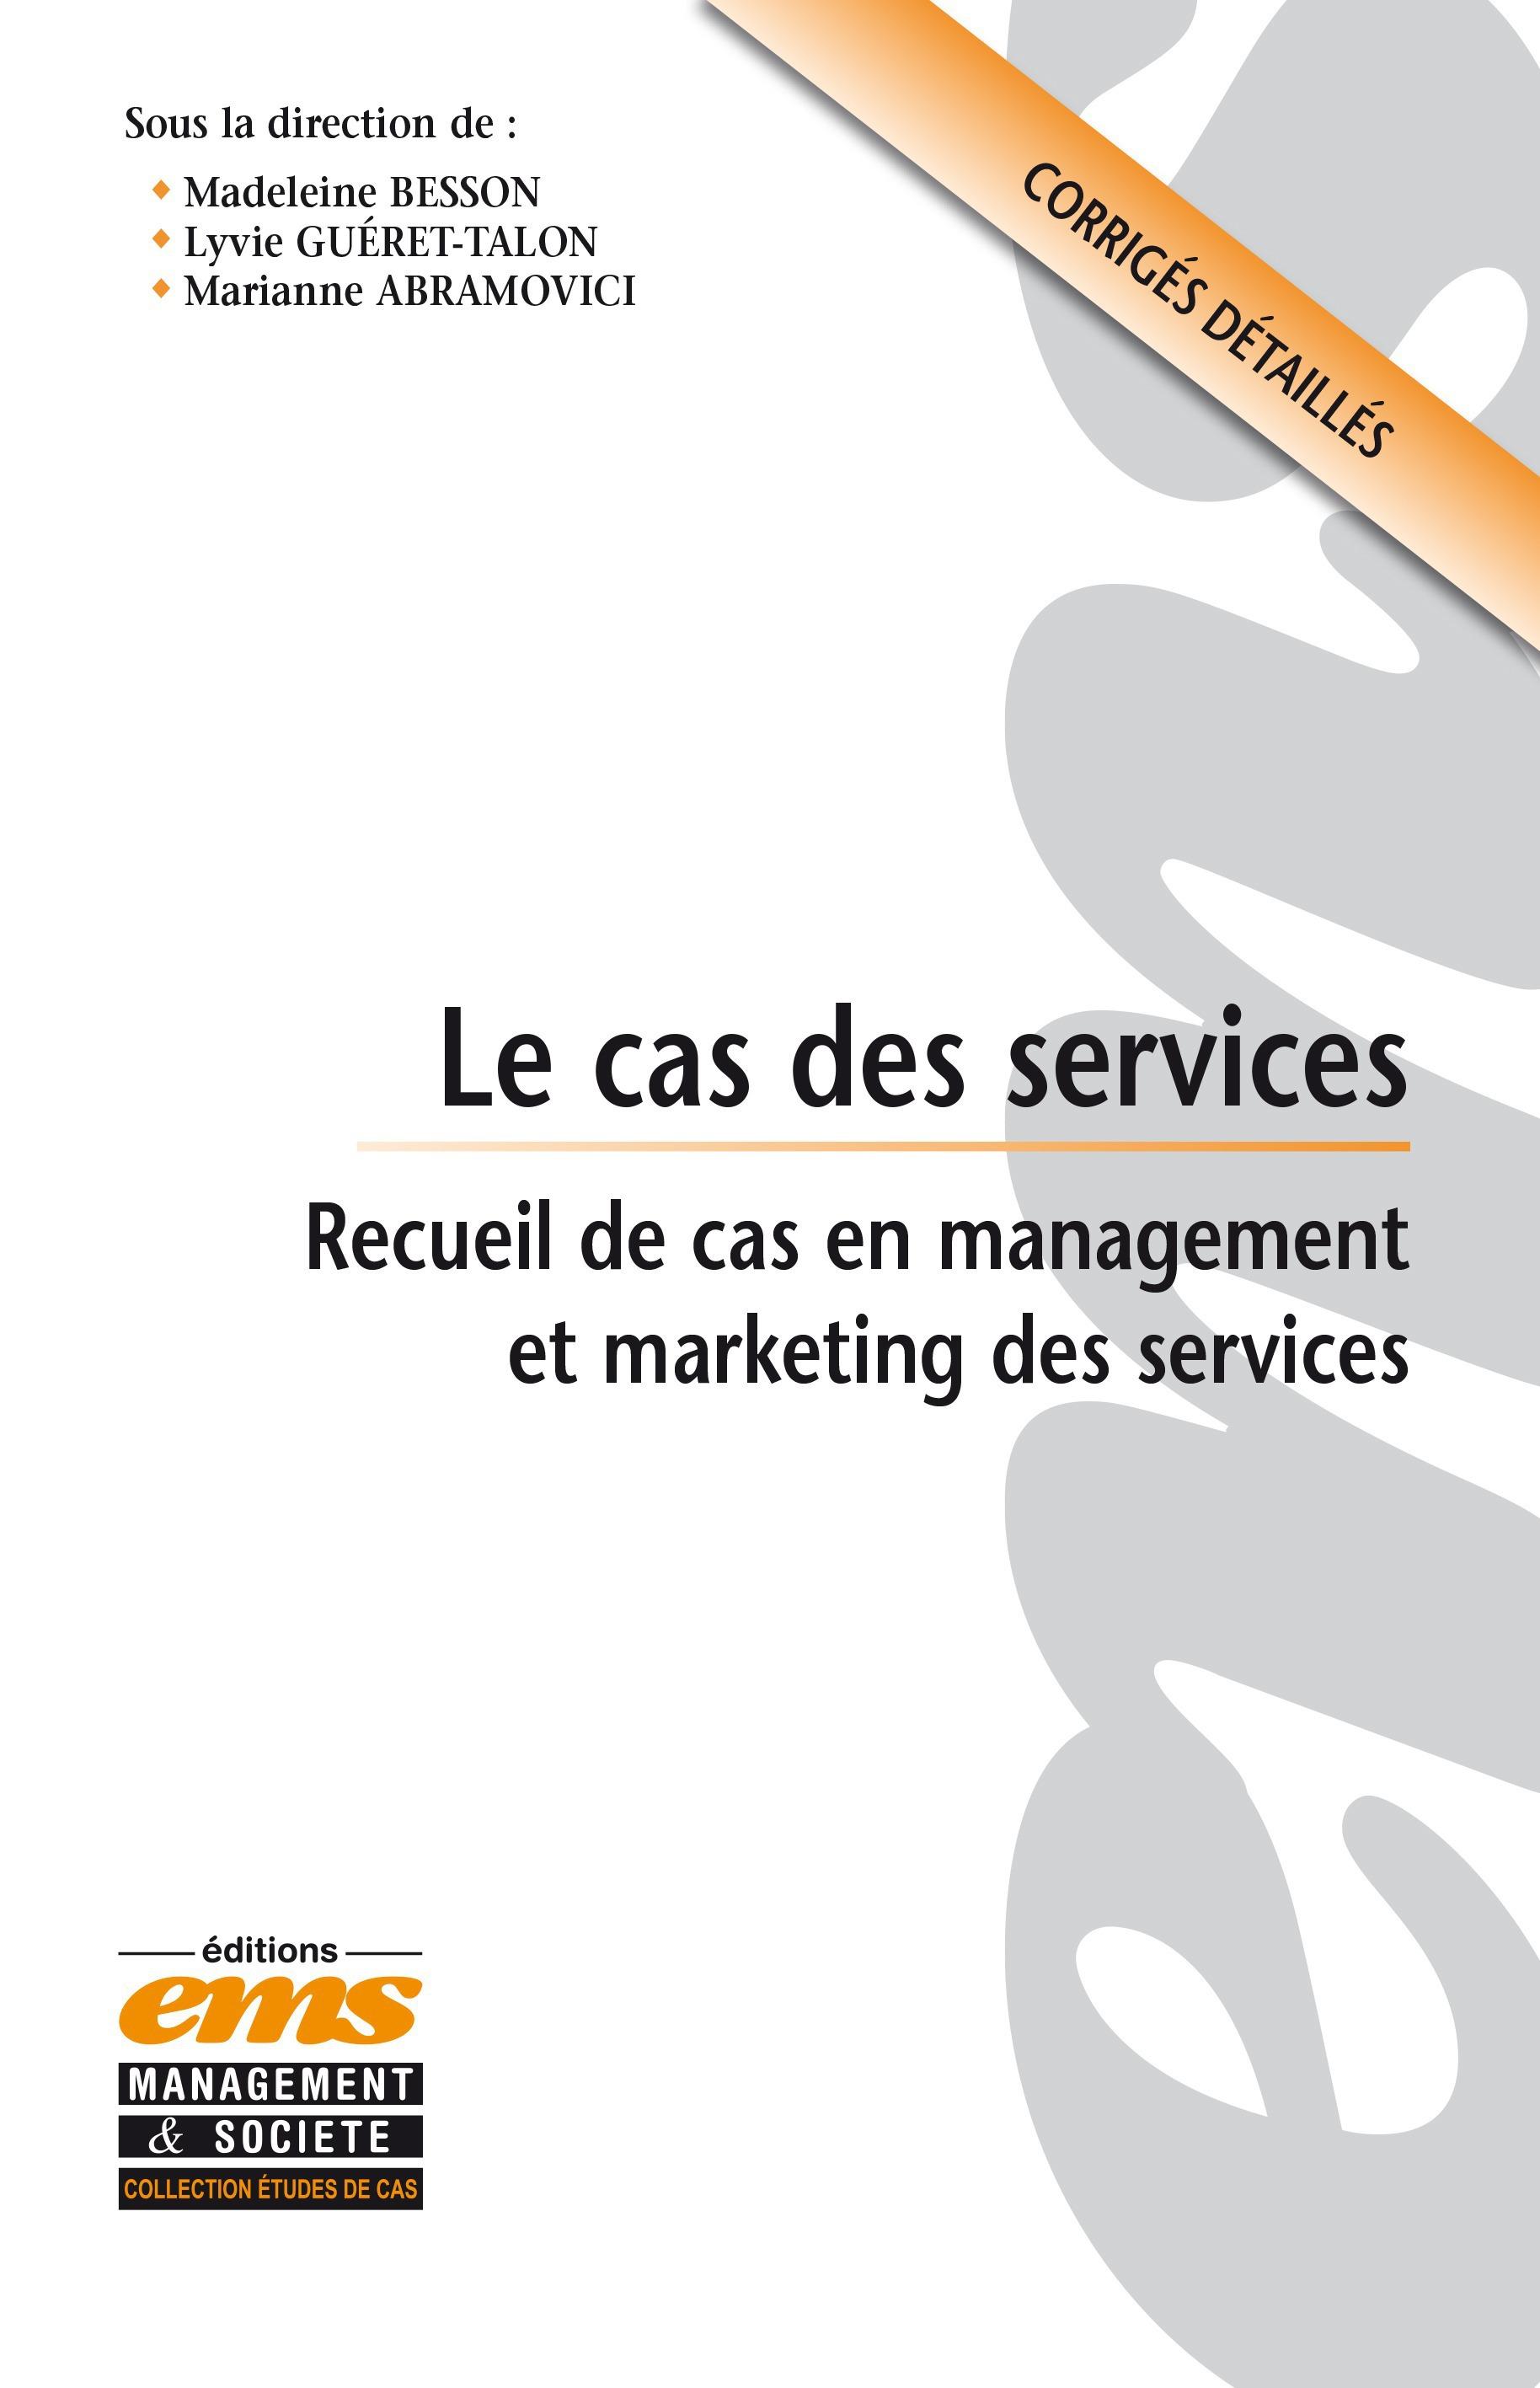 le cas des services ; recueil de cas en management et marketing des services ; corrigés détaillés